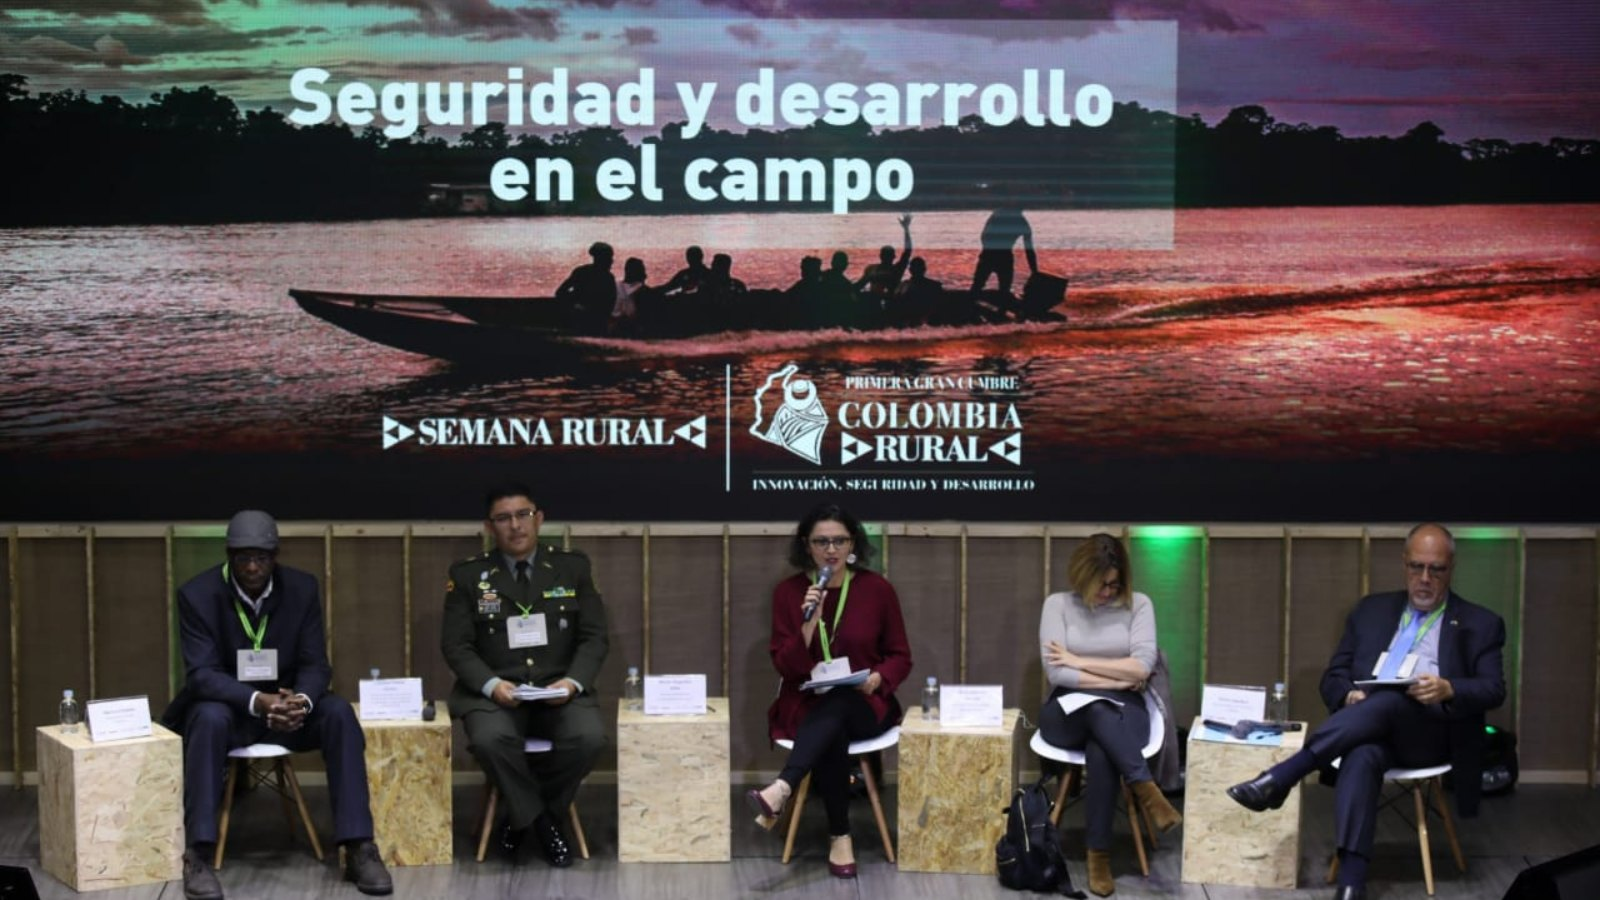 Conozca los perfiles de los panelistas de la primera Gran Cumbre Colombia Rural